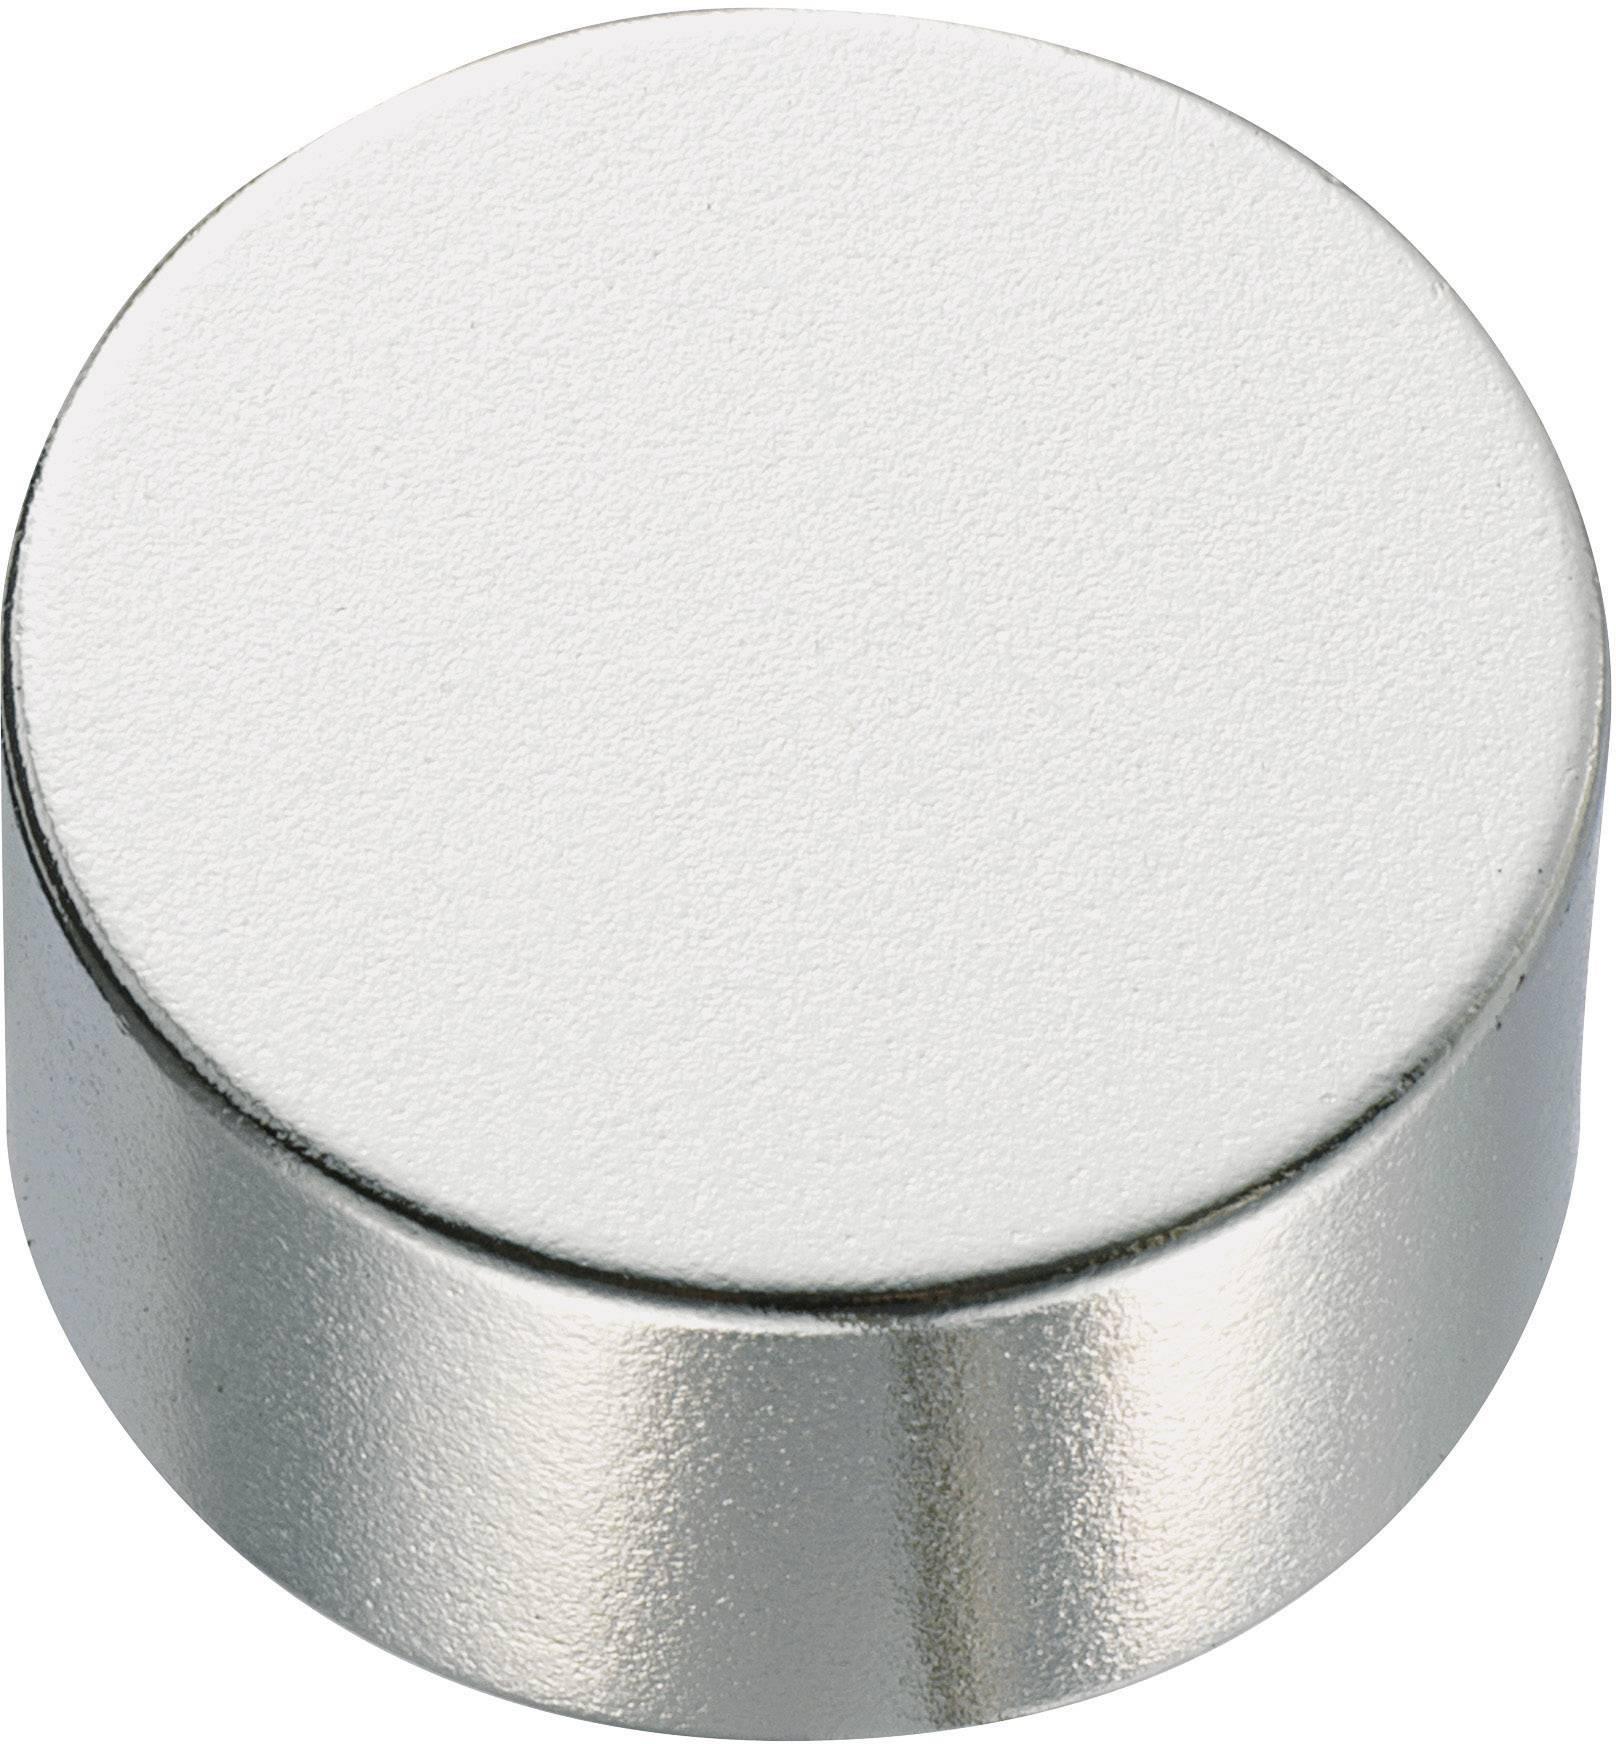 Permanentný magnet, valcový, N35M, 1.24 T, Max.pracovná teplota: 100 ° C, 5 x 5 mm